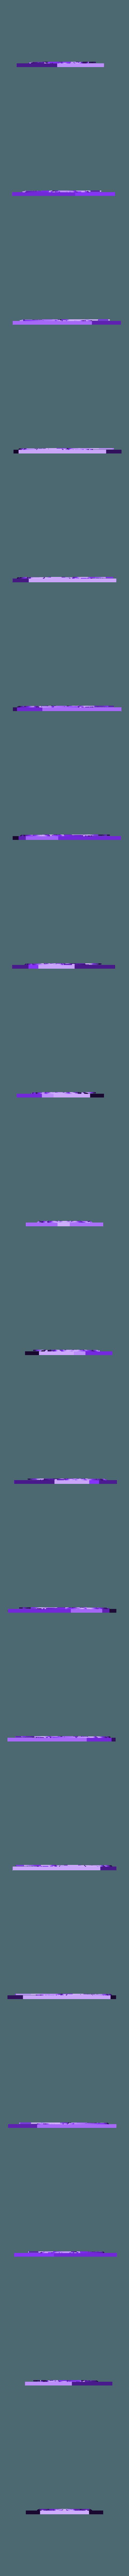 SINGLE_fixed.stl Télécharger fichier STL gratuit Insigne du Seigneur des Étoiles • Modèle pour impression 3D, 3Dimpact